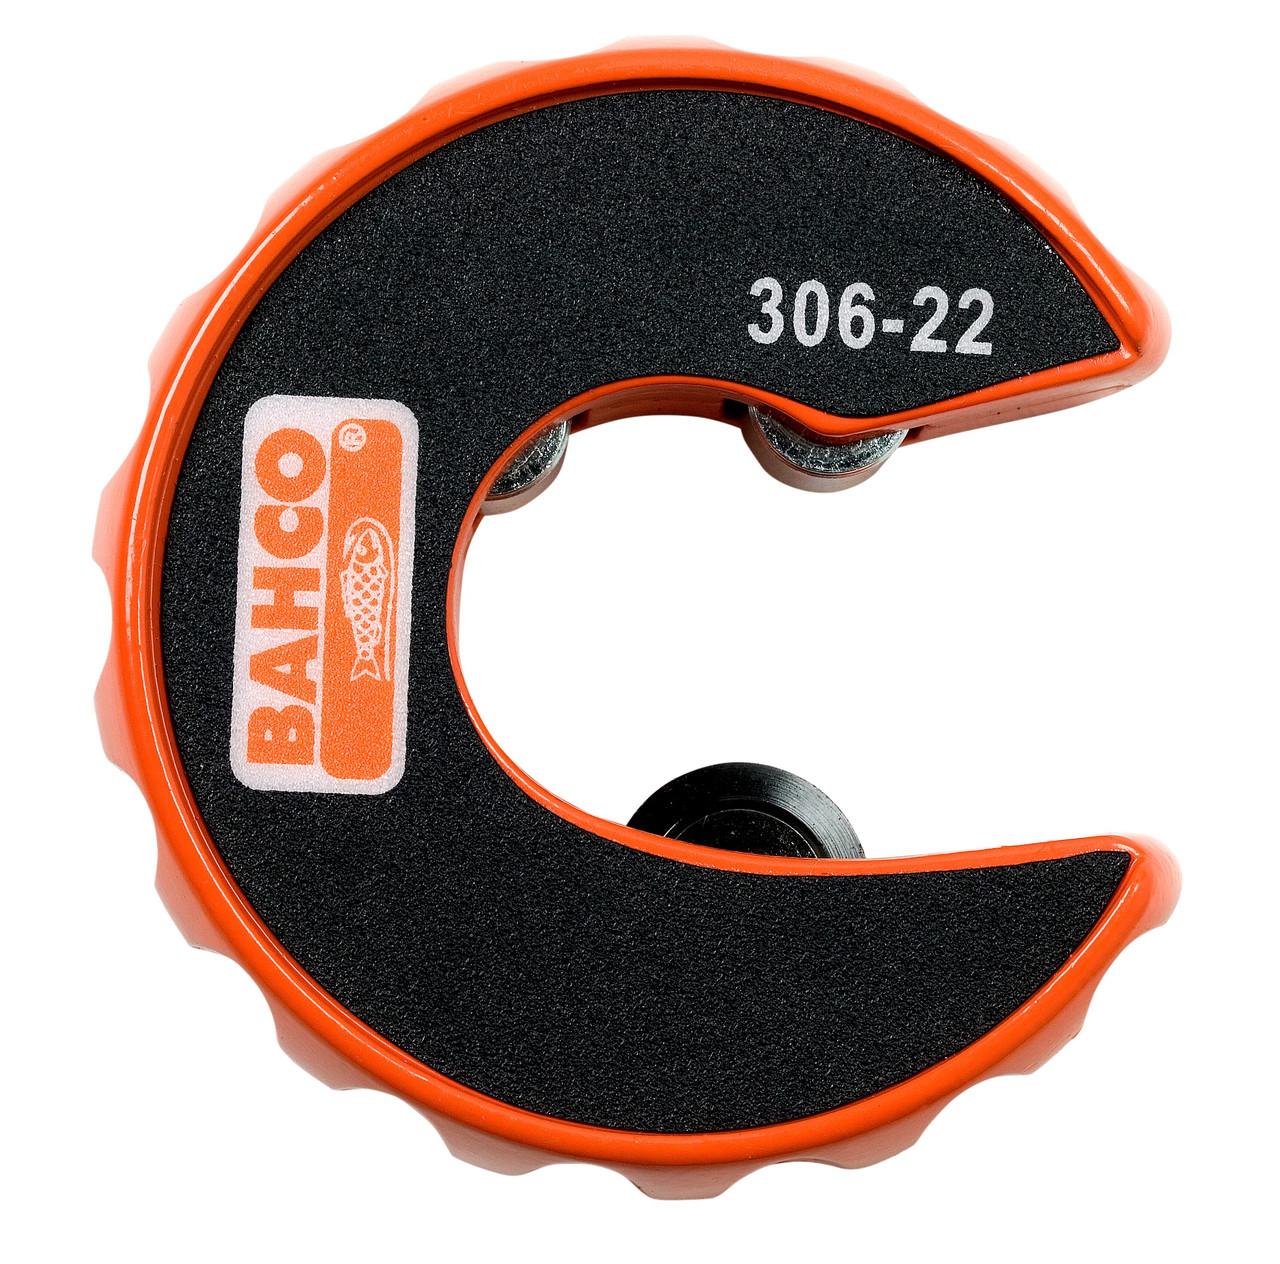 Автоматичний труборіз, діаметр - 22 мм, Bahco, 306-22